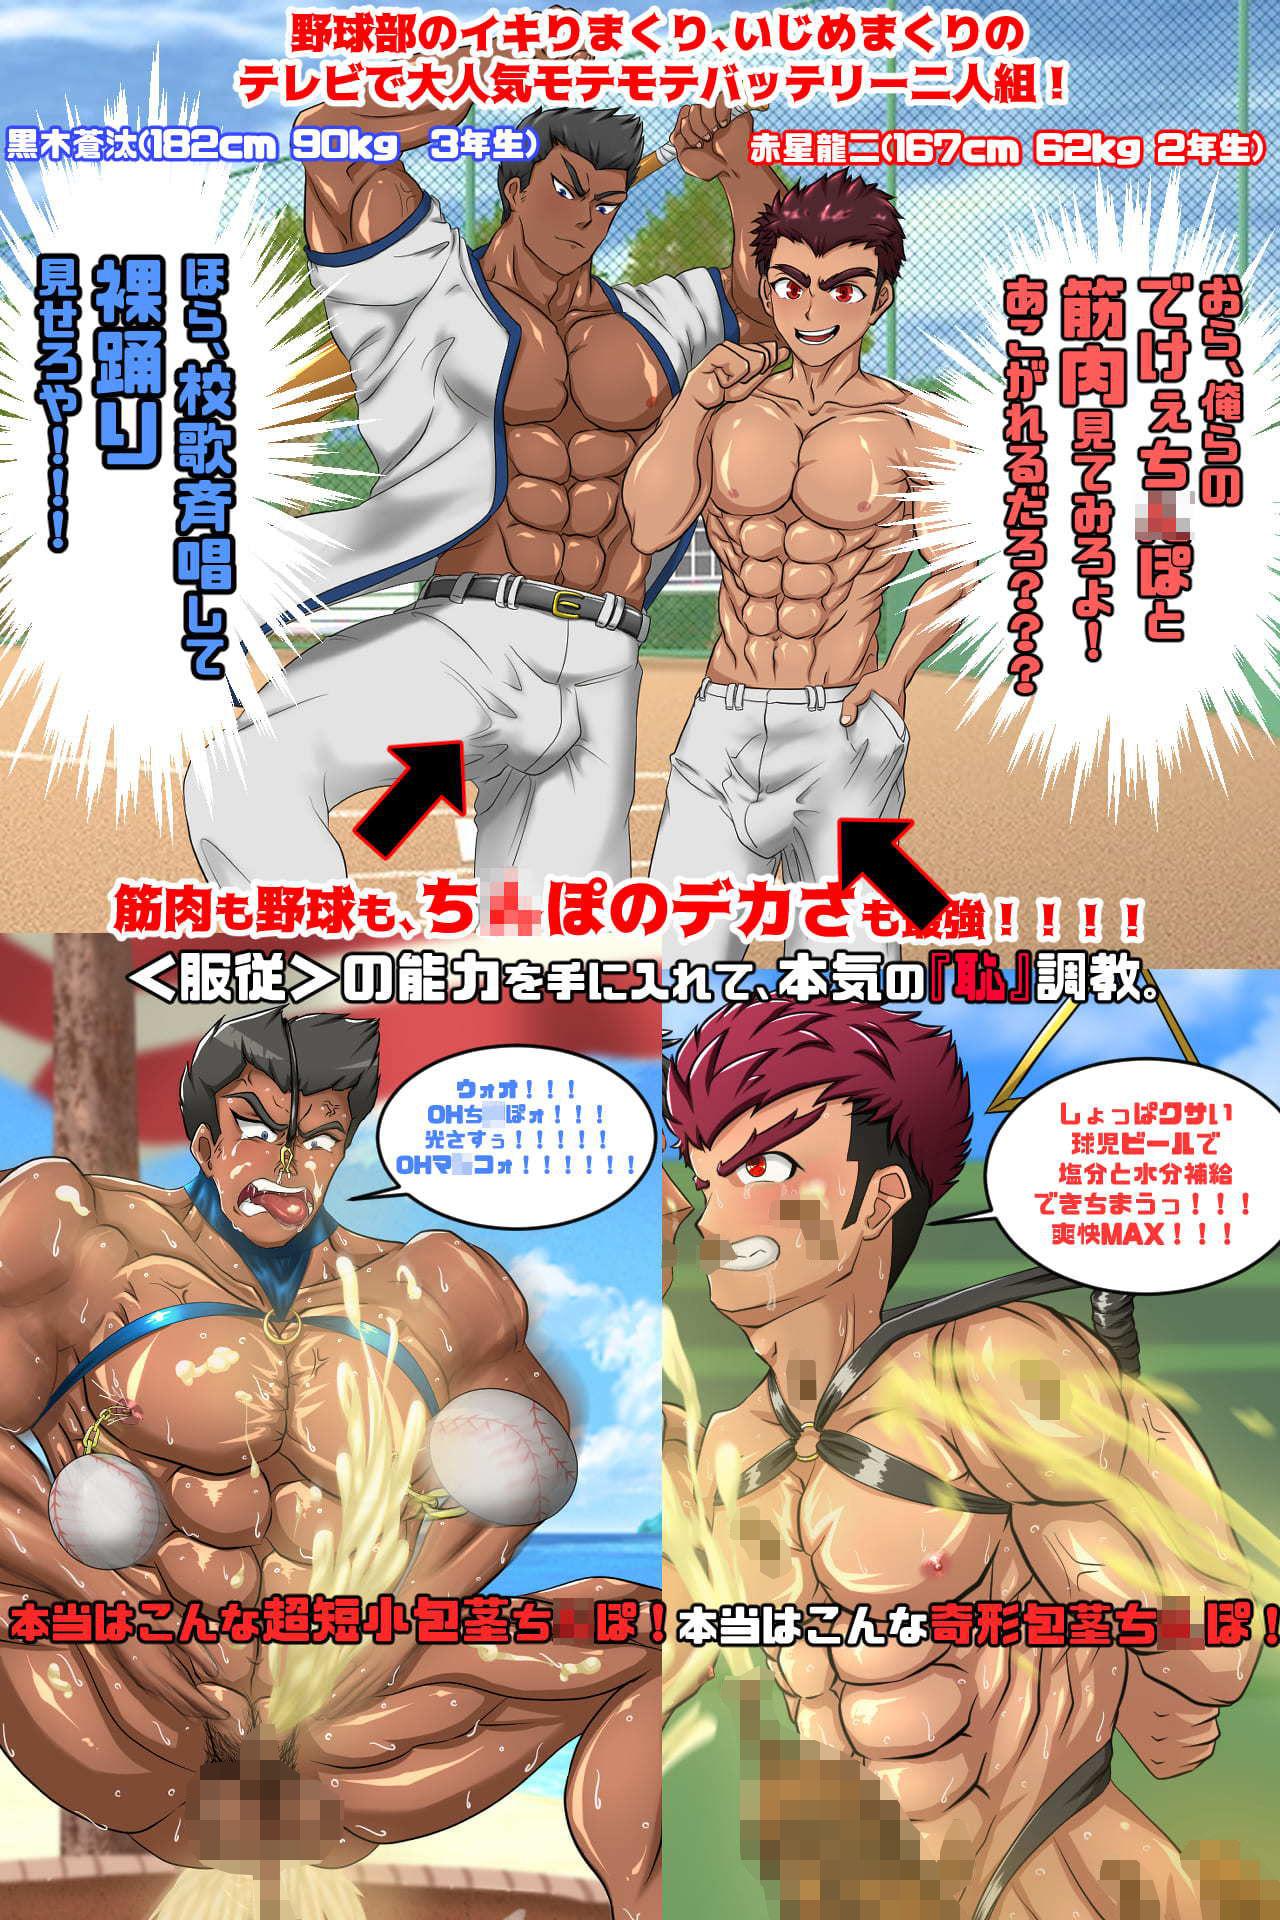 ムキムキ野球部の俺らが恥辱攻めなんかでぶりぶり性処理便器になるわけねぇ!